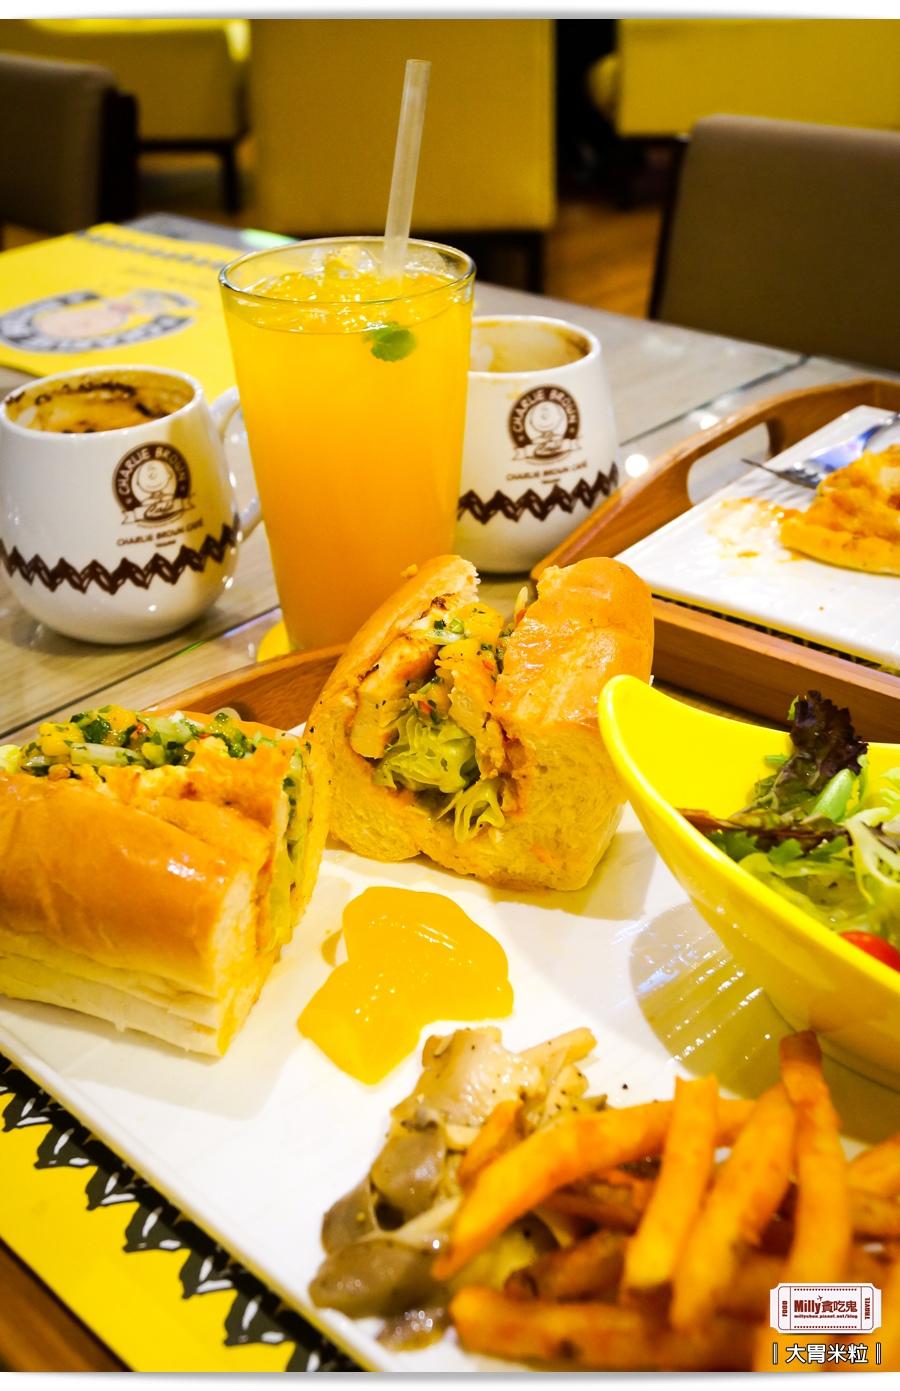 高雄查理布朗Cafe'0025.jpg